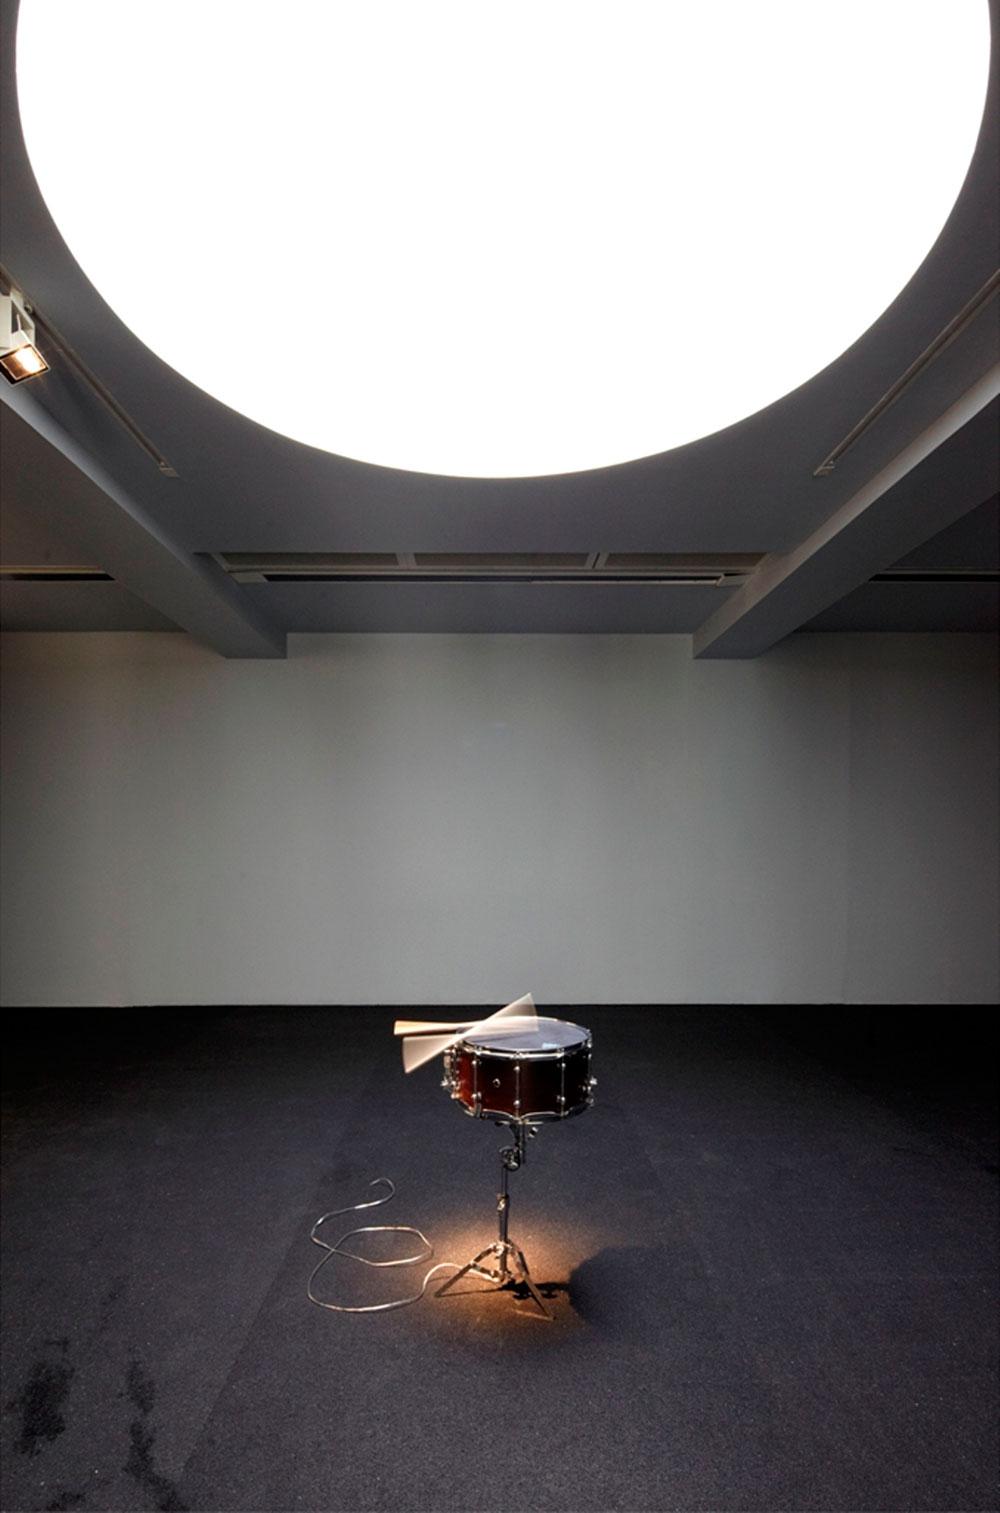 """Another Solo in the Doldrums. תוף סנר (צד) מוּסב, חלקי מגברים, מעמד של תוף סנר, מקלות תיפוף 41×56×75 בקירוב, פסקול, """"49'11 באדיבות האמן מראה הצבה, גלריה סרפנטיין, לונדון, 2011 © צילום: סילביאן דֶלוּ"""